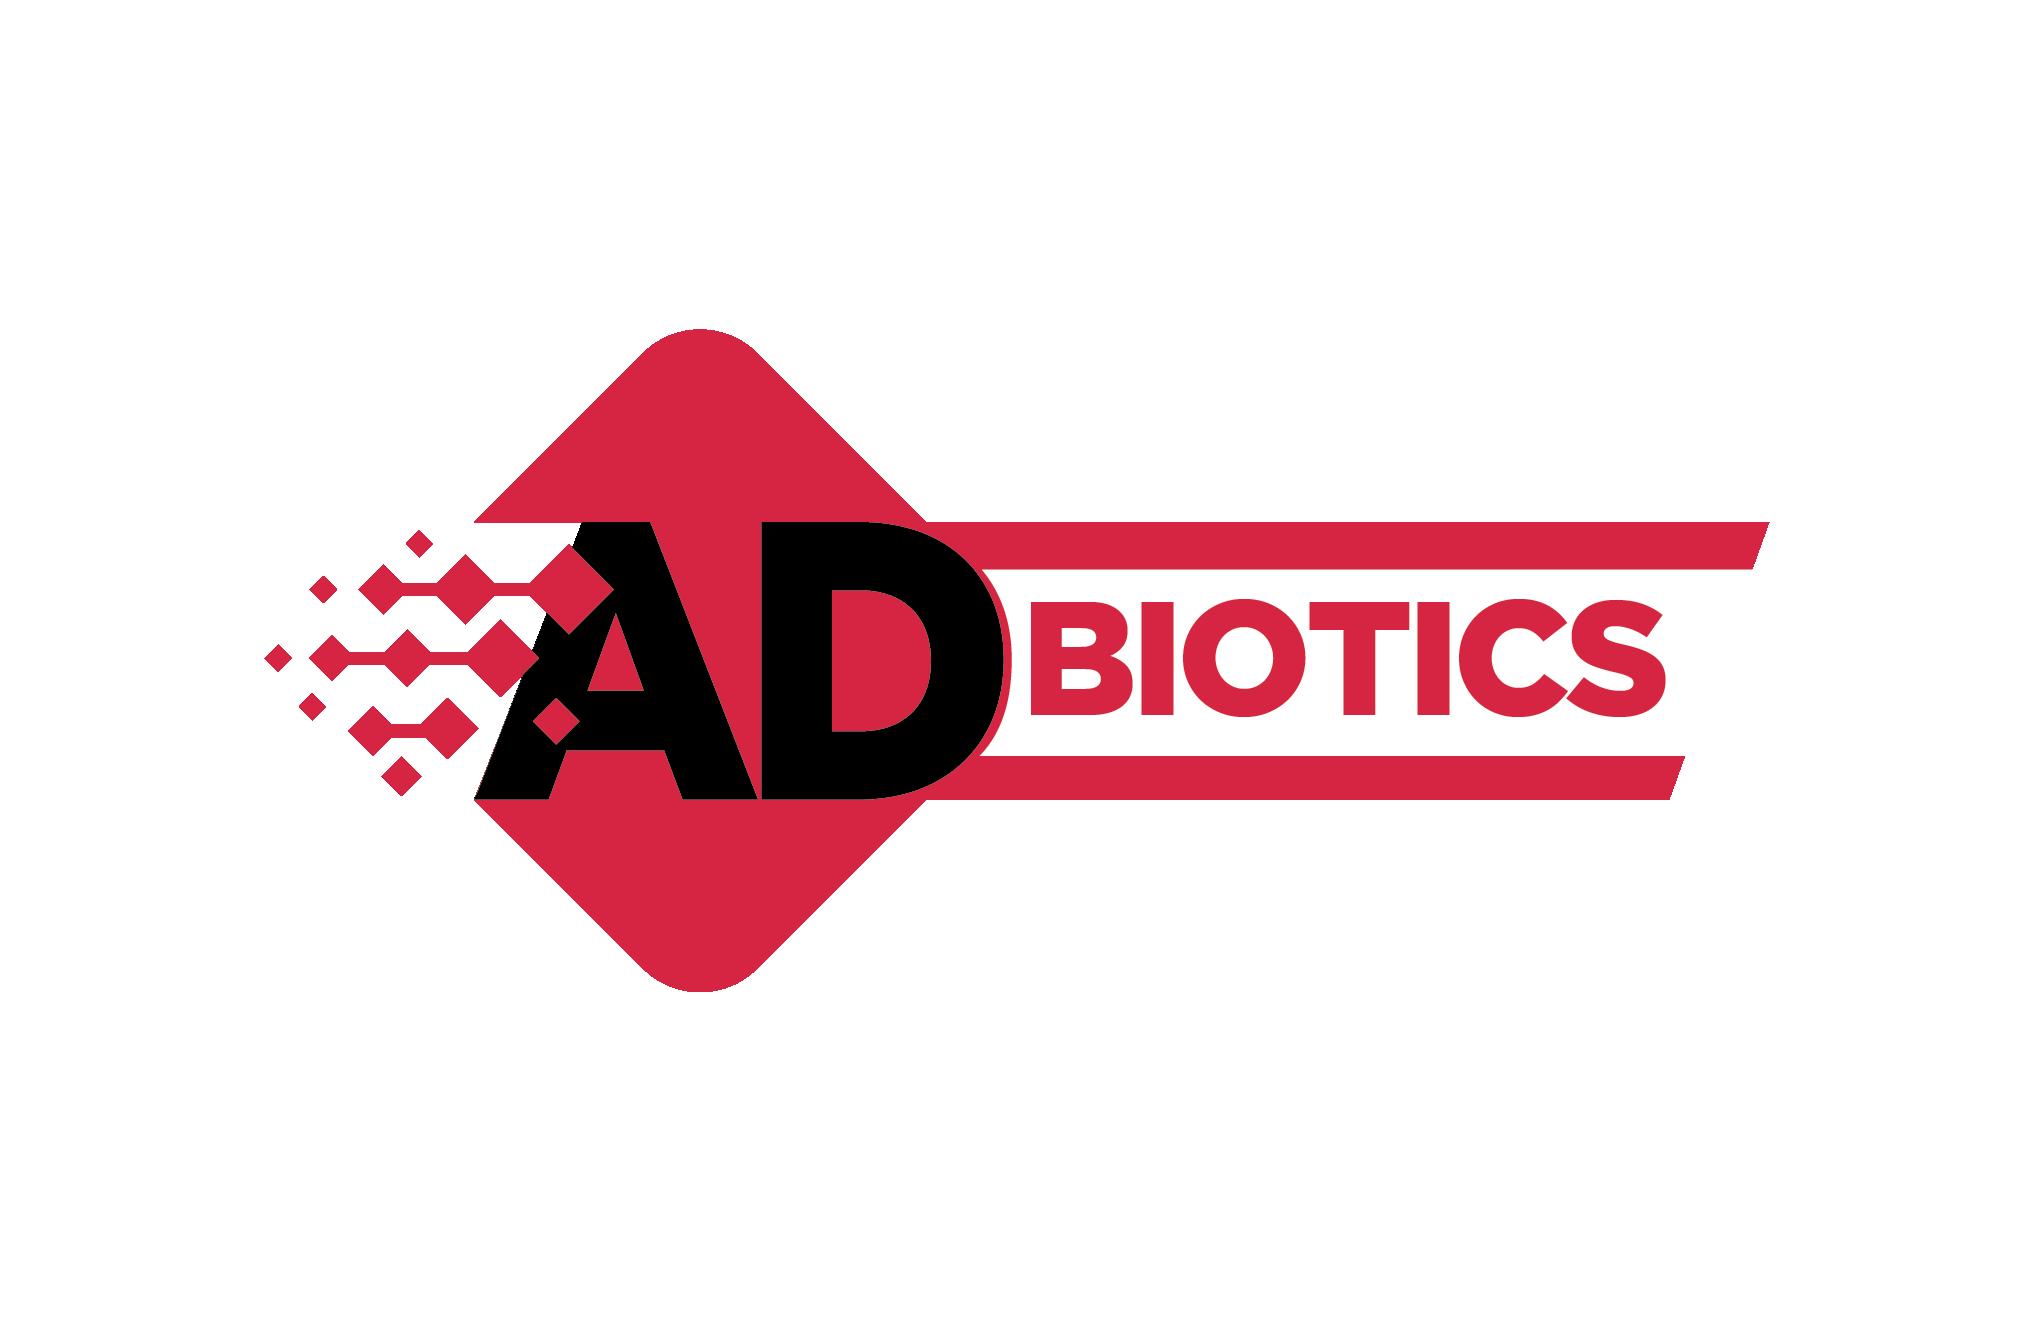 Adbiotics